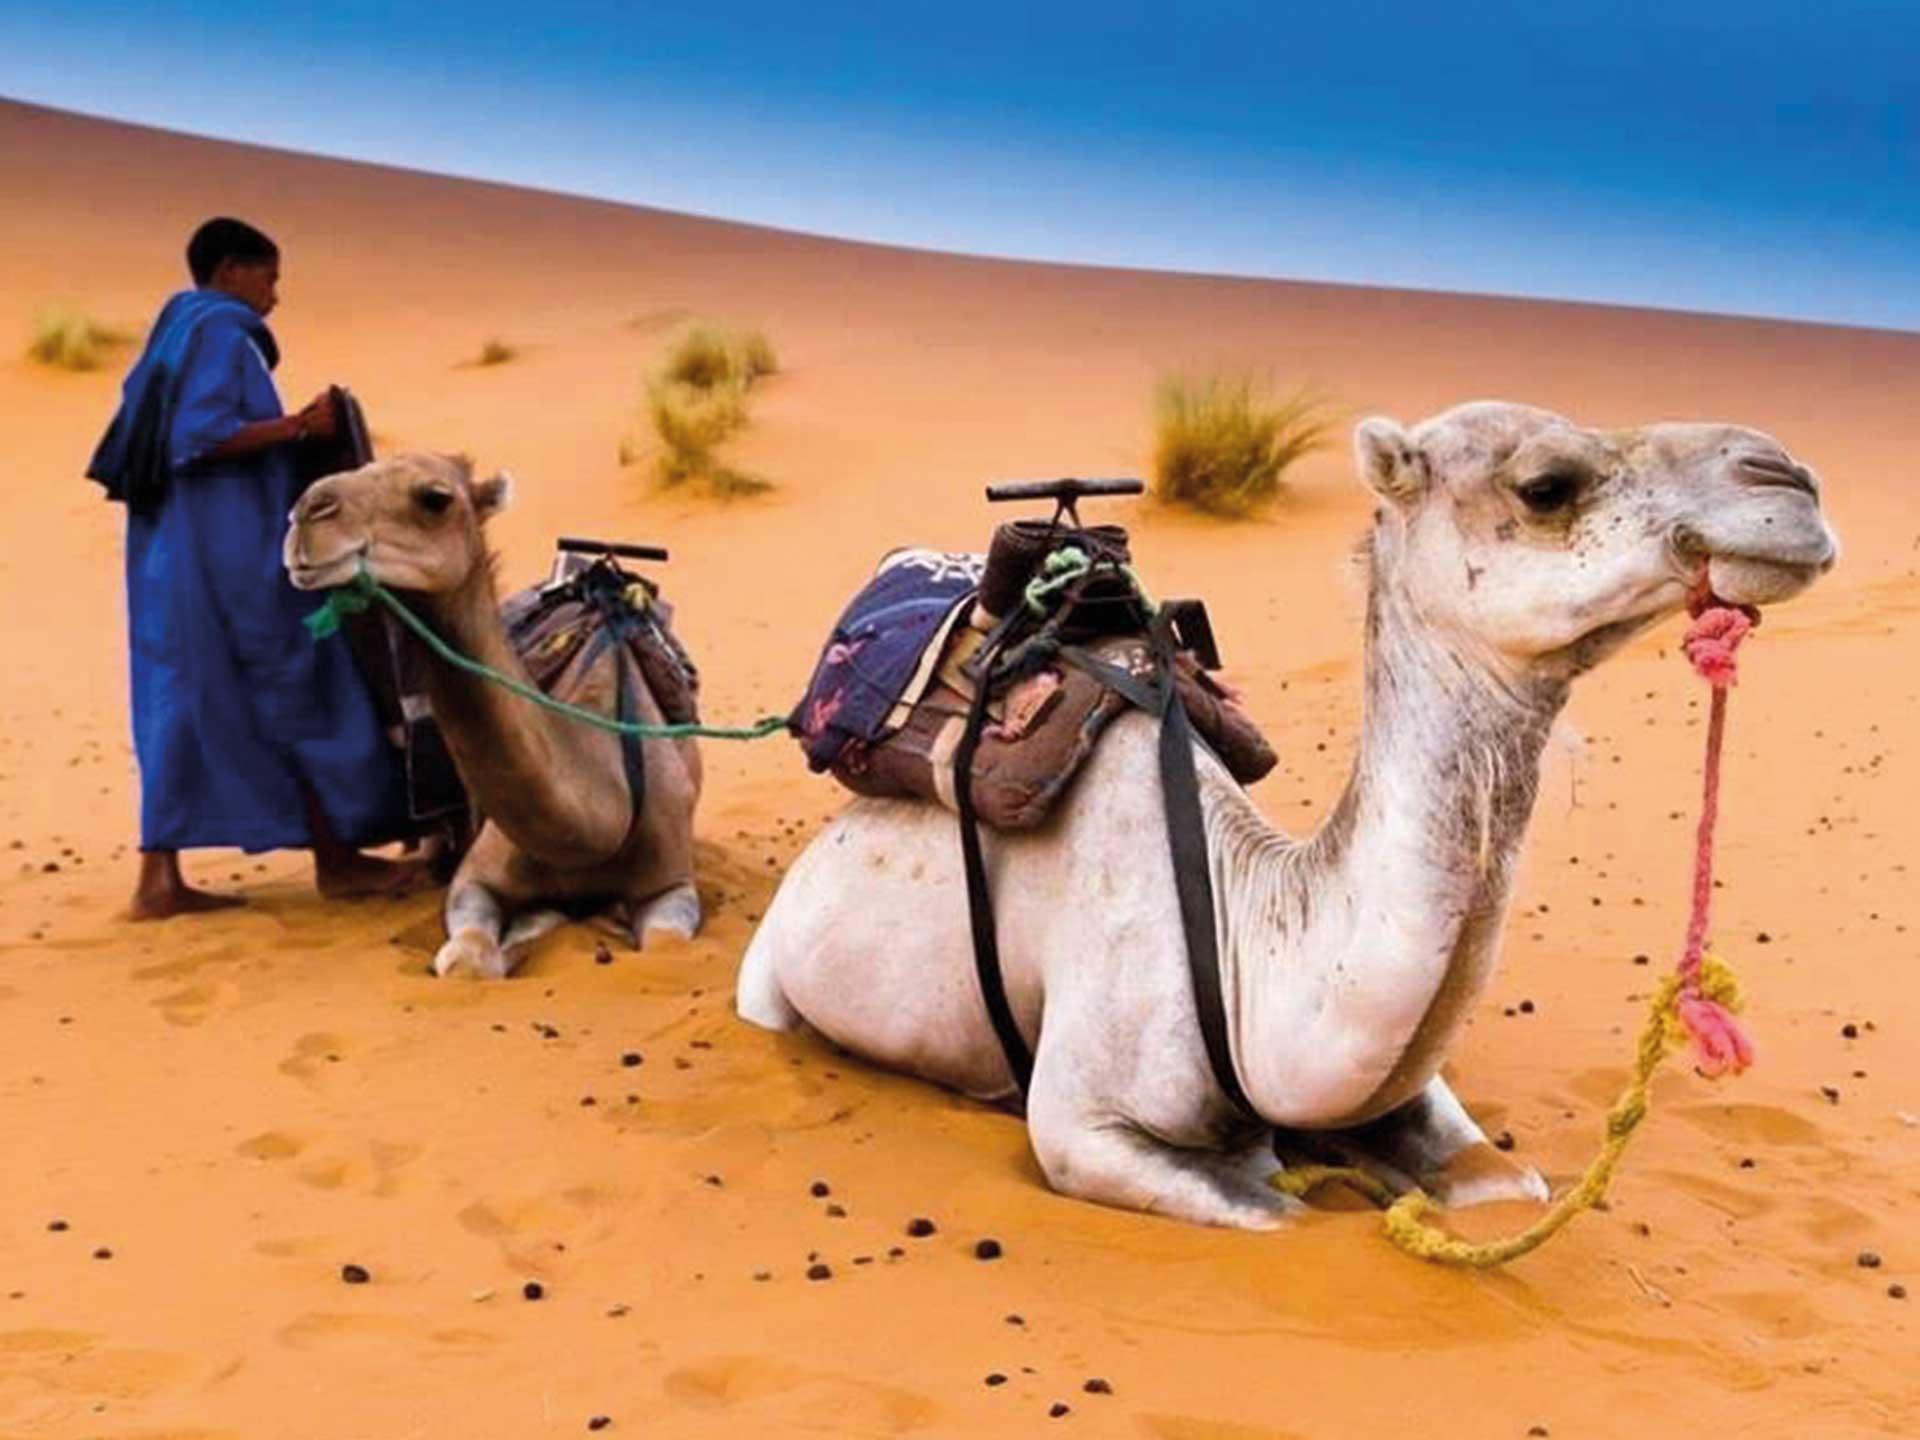 Moroccan-Family-Tour-Excursion-Travel-Marrakech-Casablanca-Fes-Errashidia-43